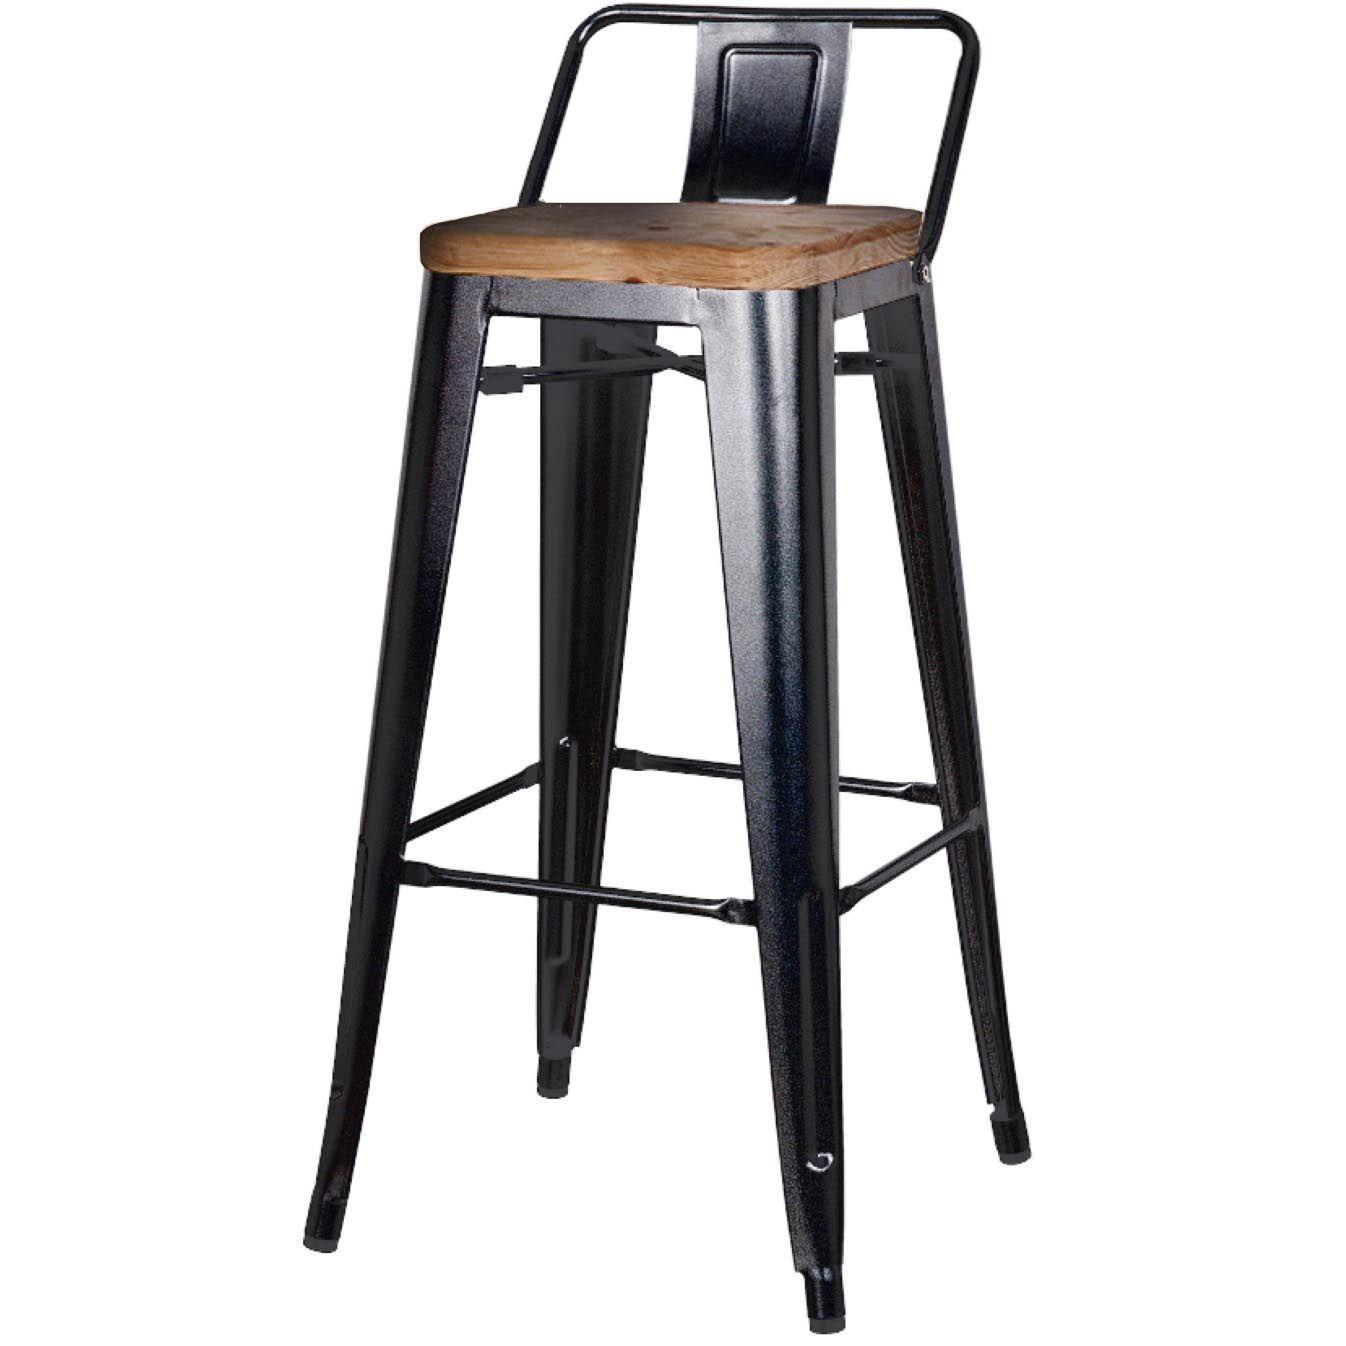 Wonderful Metropolis Low Back Bar Stool, Wood Seat, Black, Set Of 4